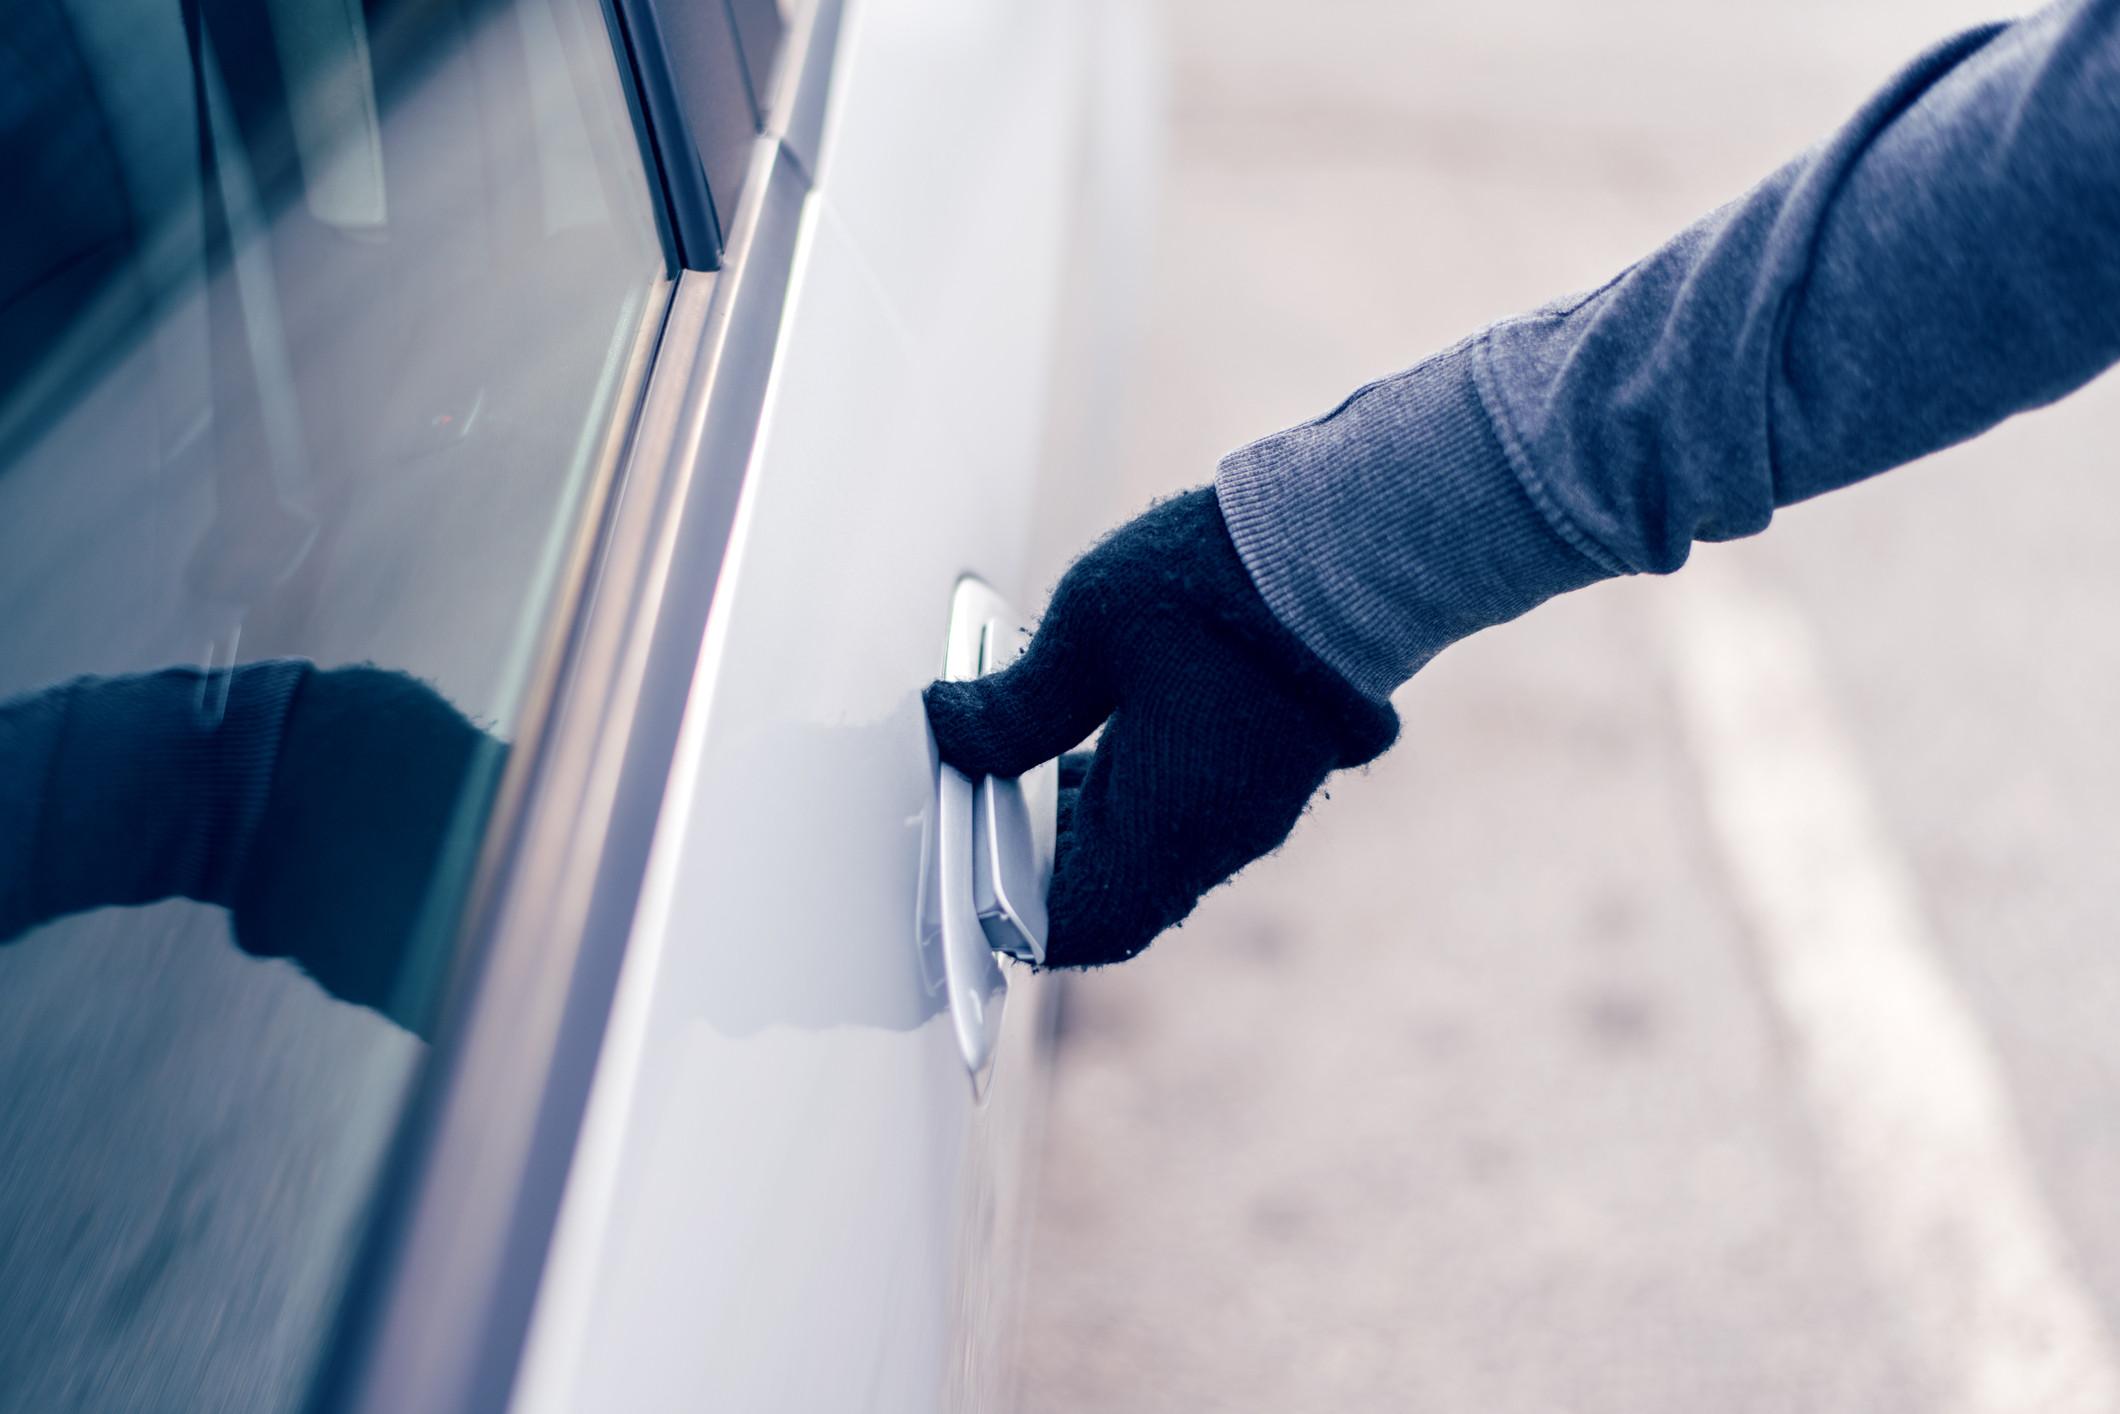 Tem 21 anos e foi detido em flagrante a roubar carro em Argoncilhe